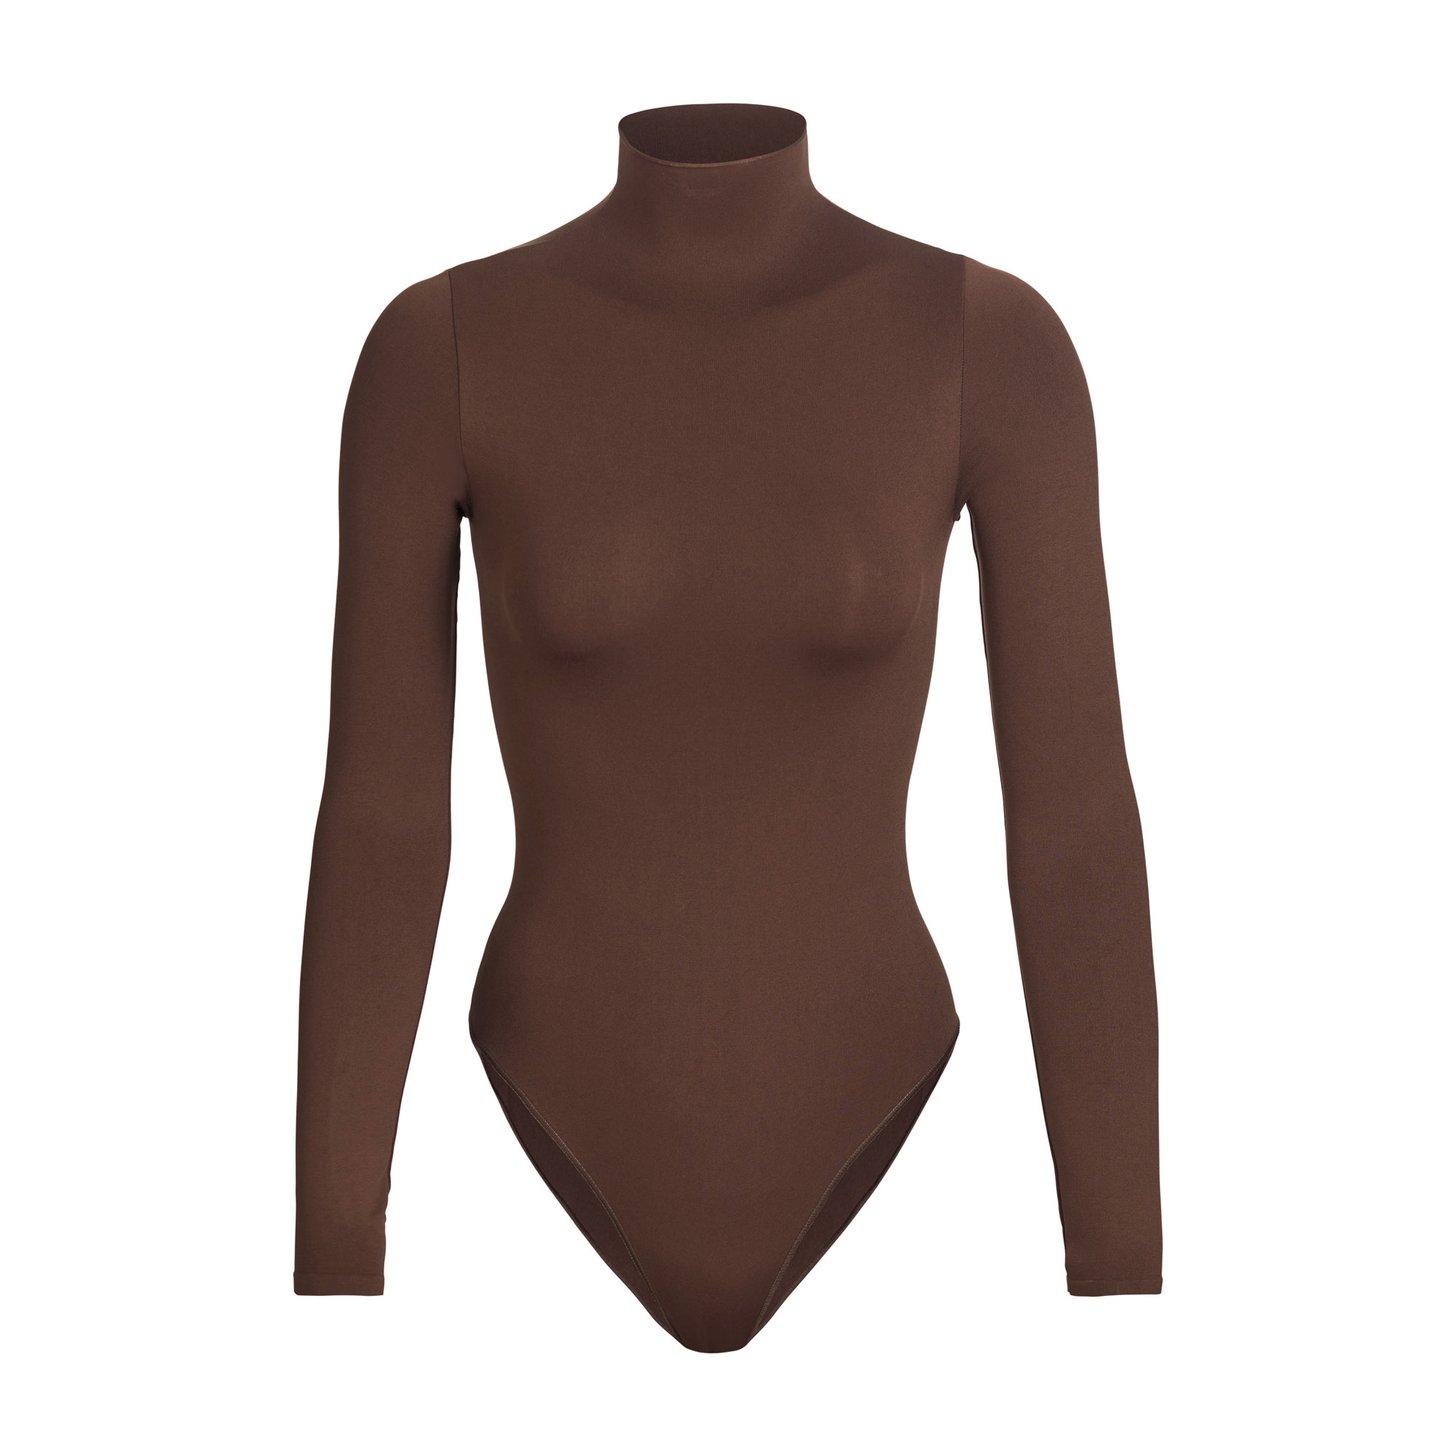 skims bodysuit